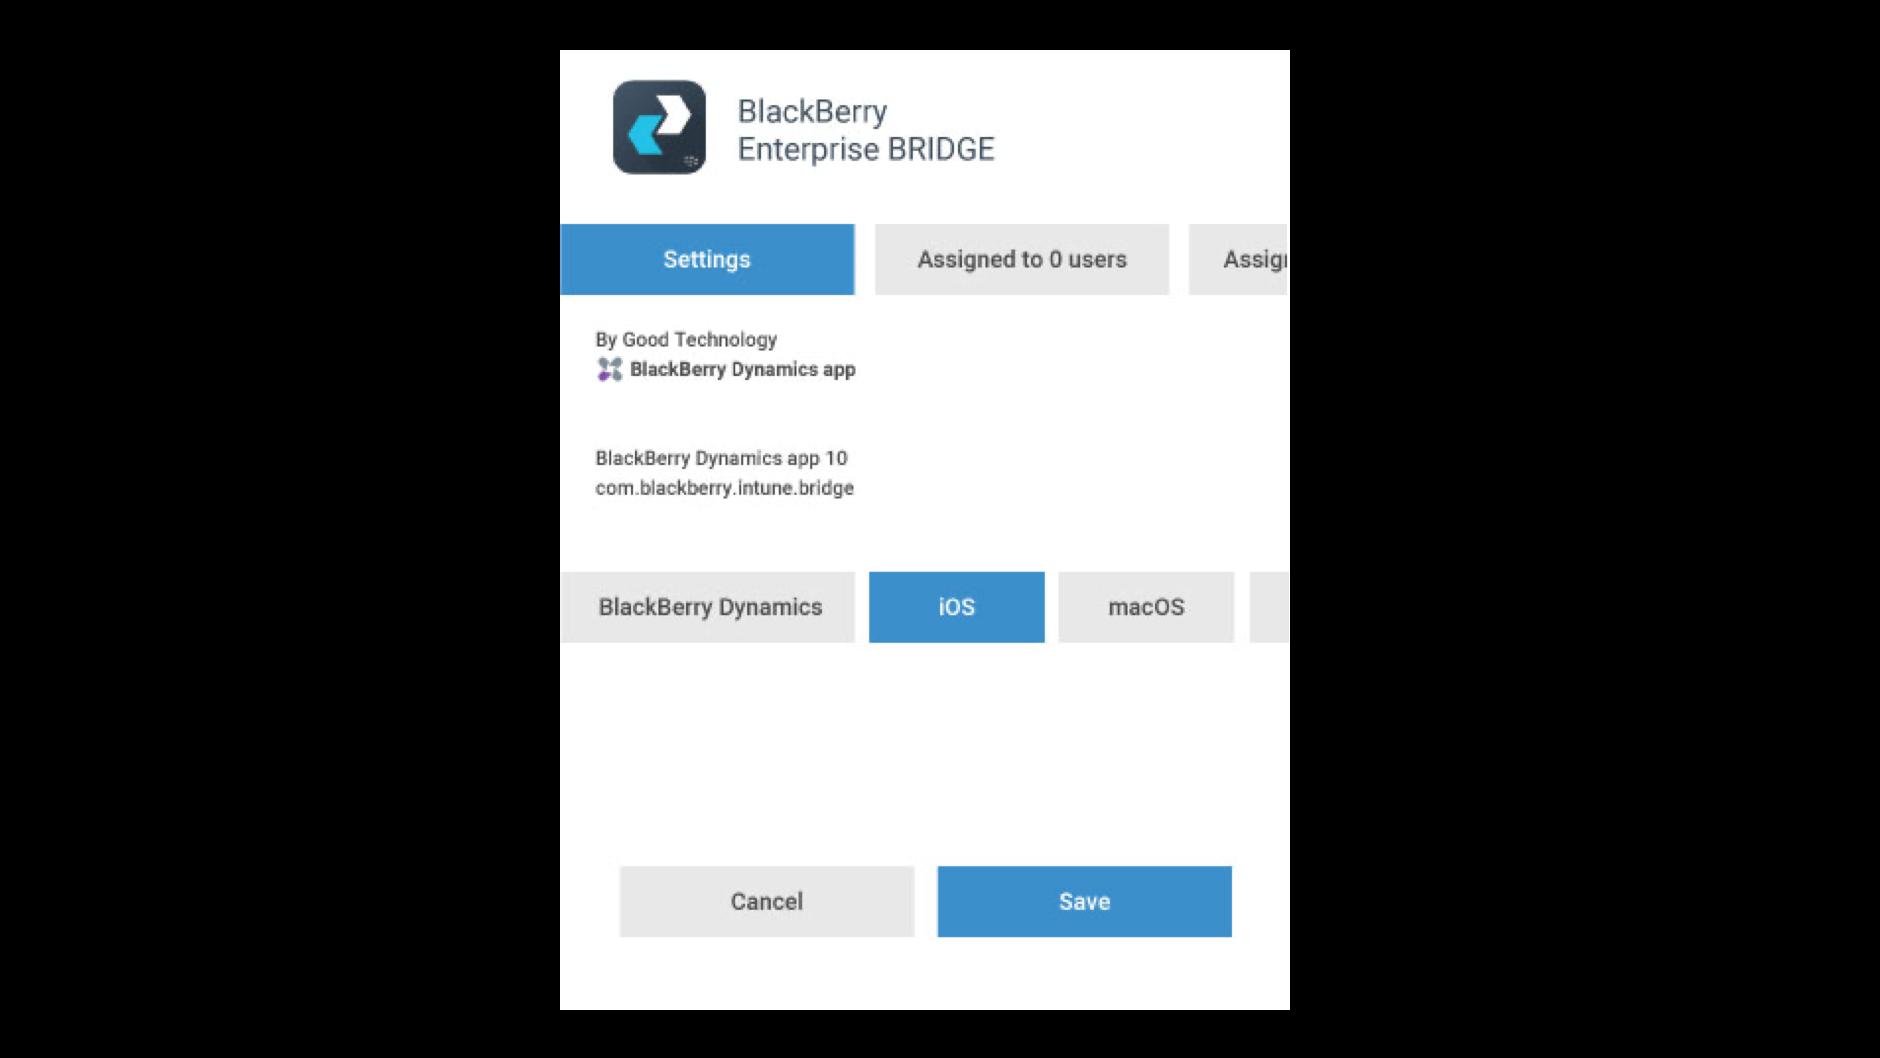 blackberry-spark-uem-suite-tab1-mobile-application-management-02